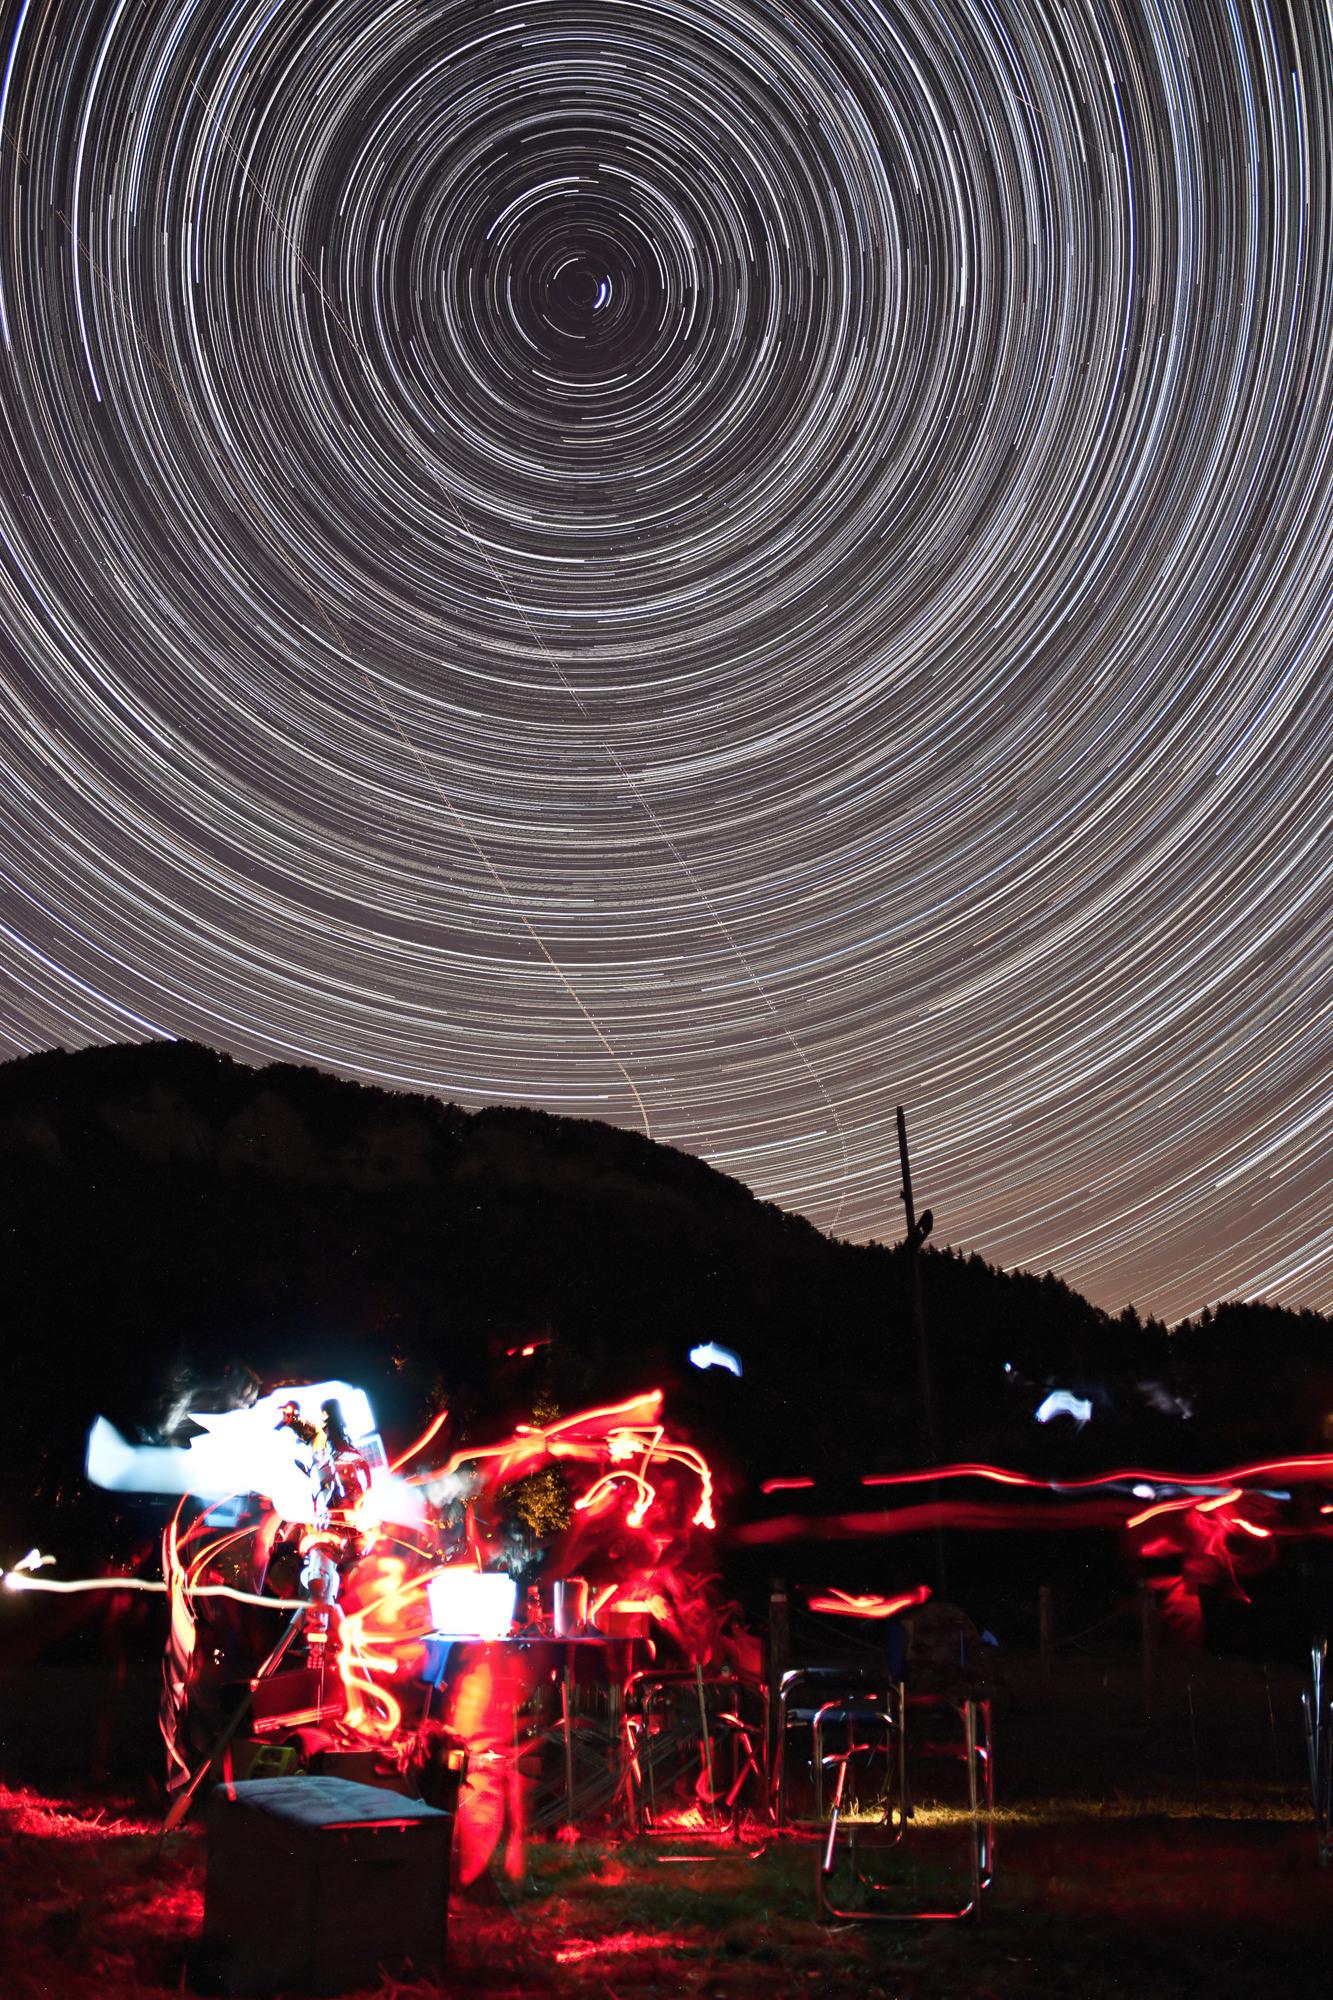 Una tipica serata di Astrofotografia.....